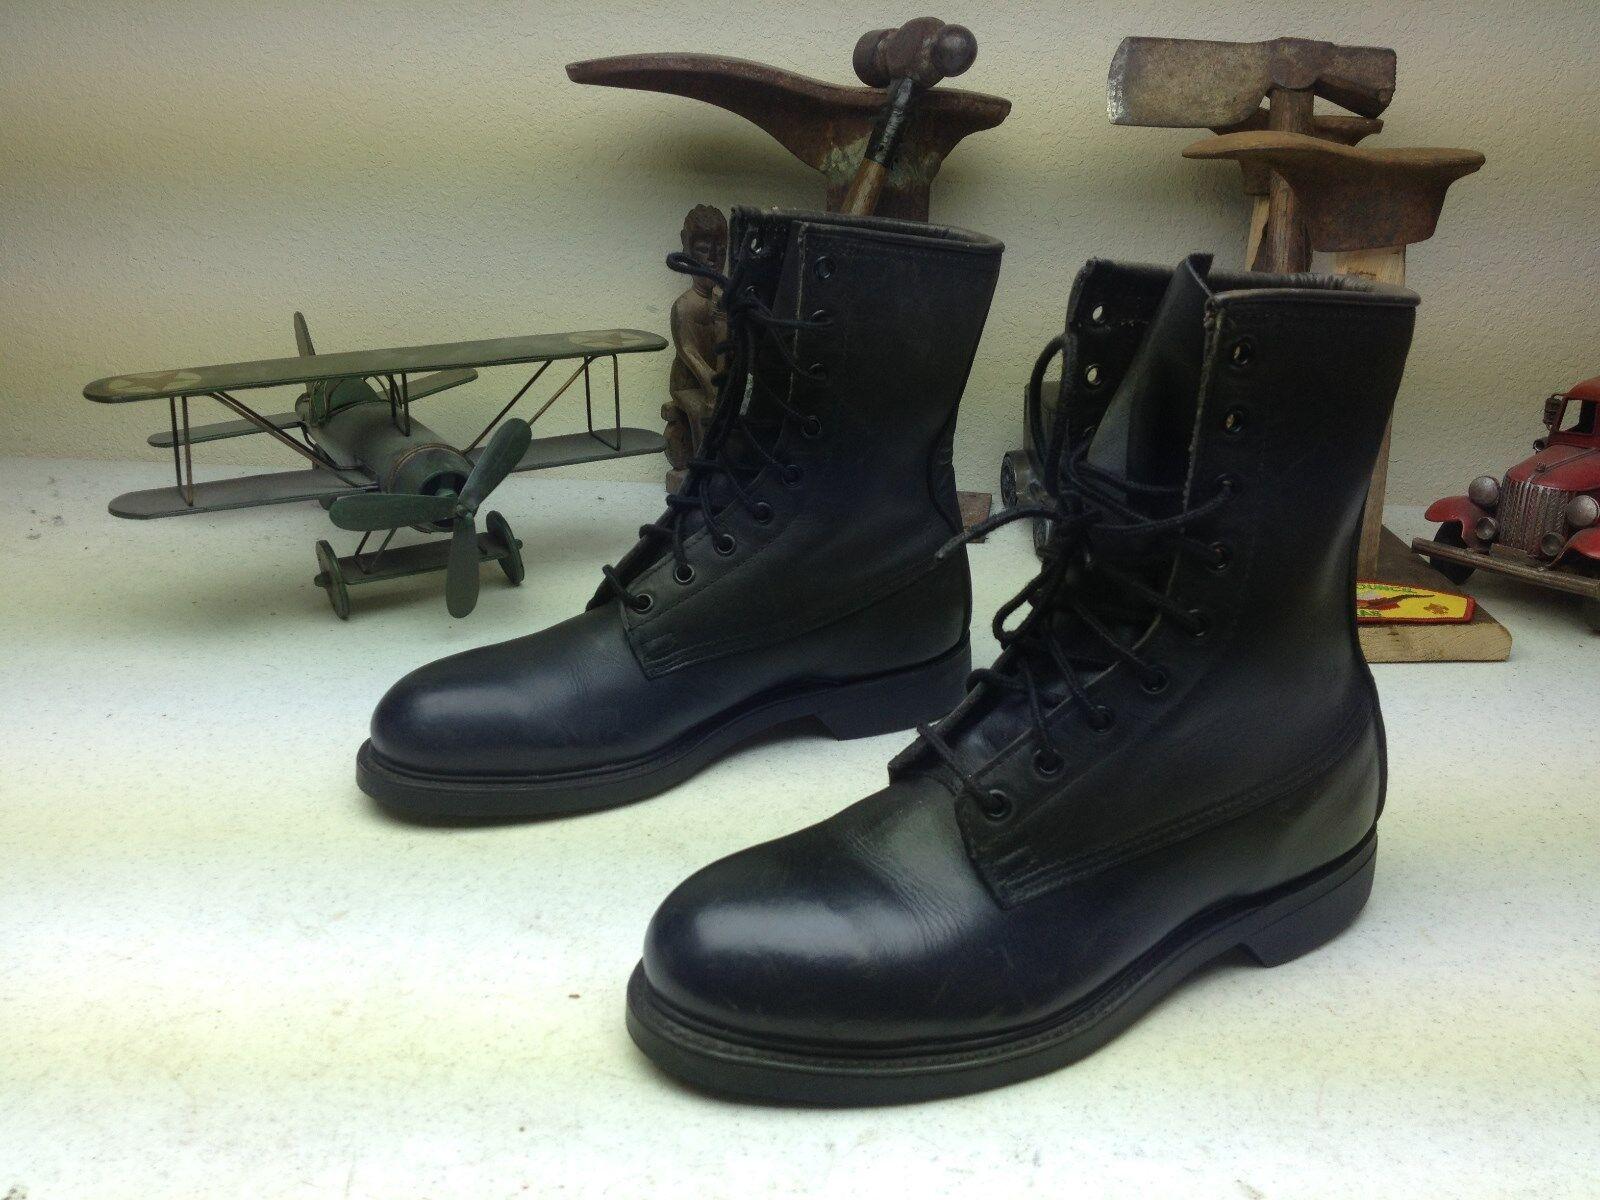 Envejecido Negro Cuero Puntera De Acero Encaje hasta 1989 Vintage Paracaidista botas 6 W